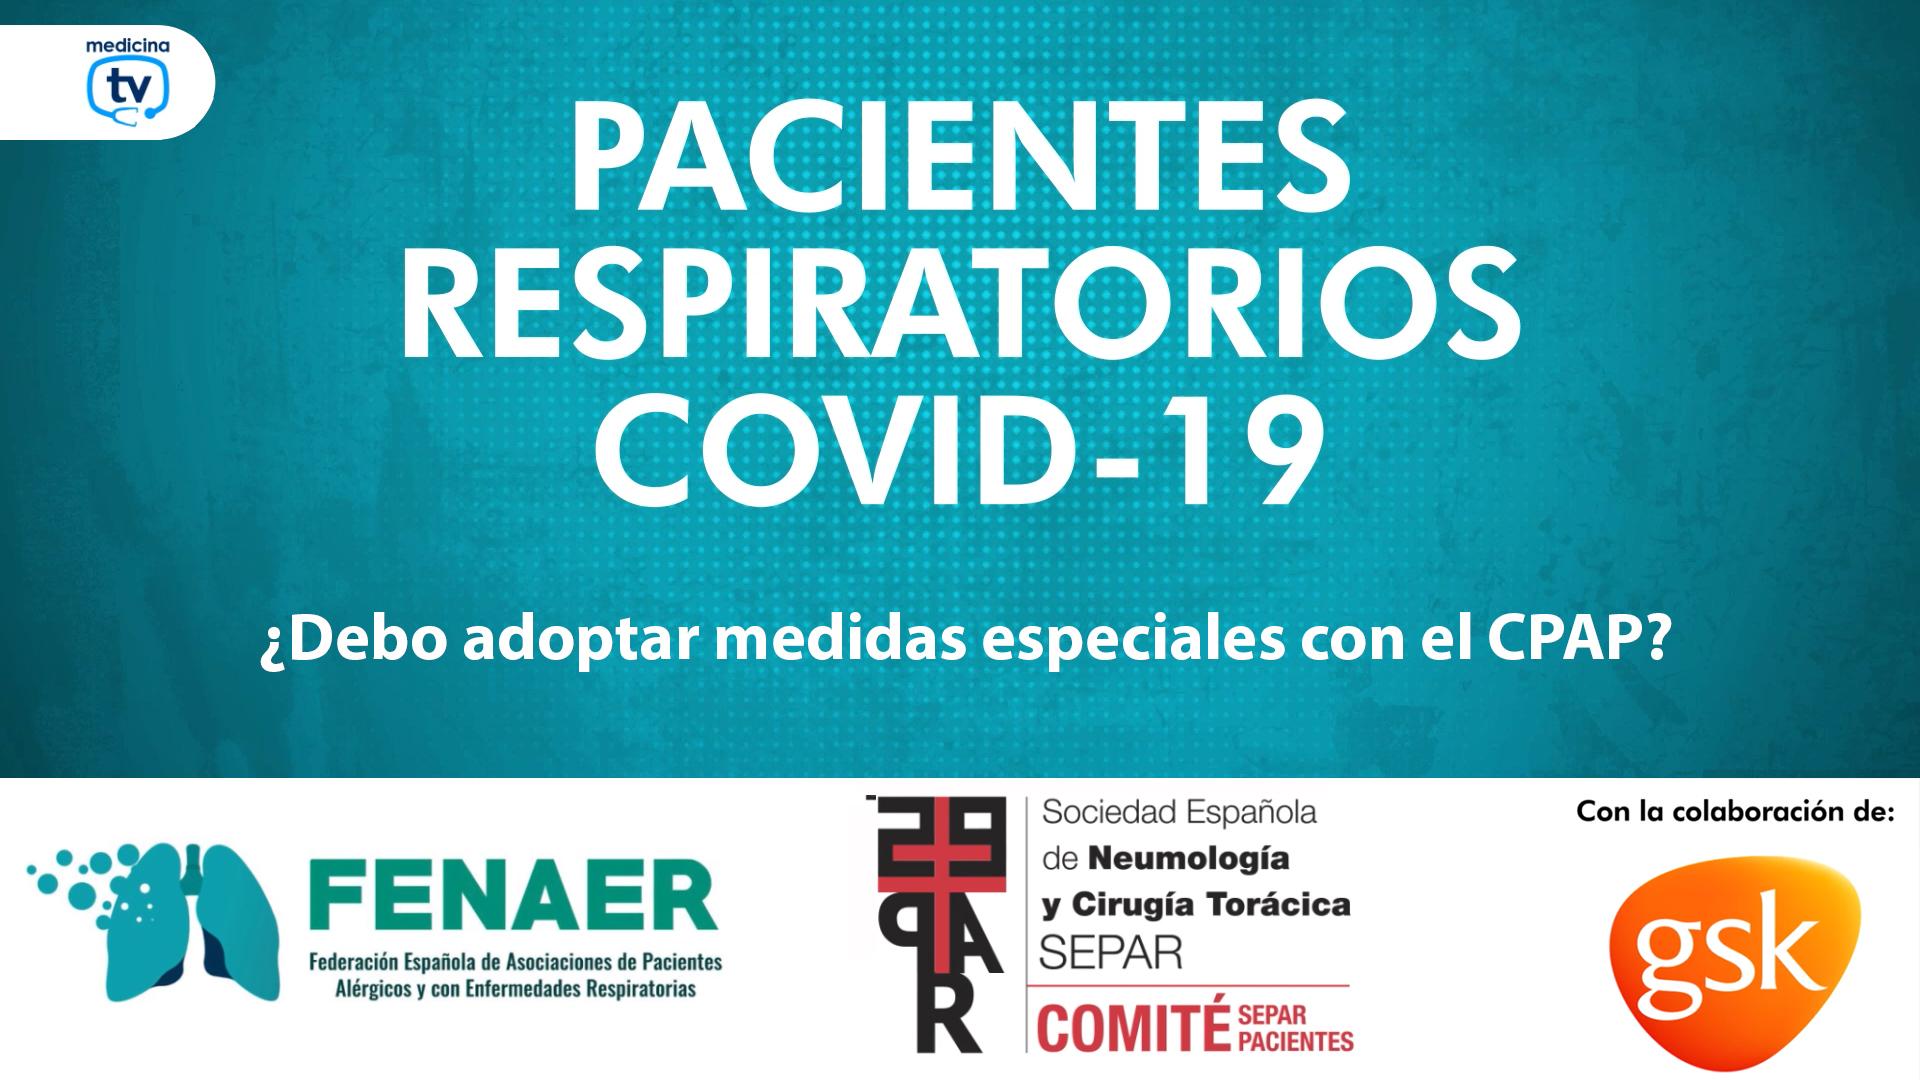 Los pacientes con apnea del sueño y COVID-19 deben adoptar medidas especiales de higiene y adaptación de la CPAP